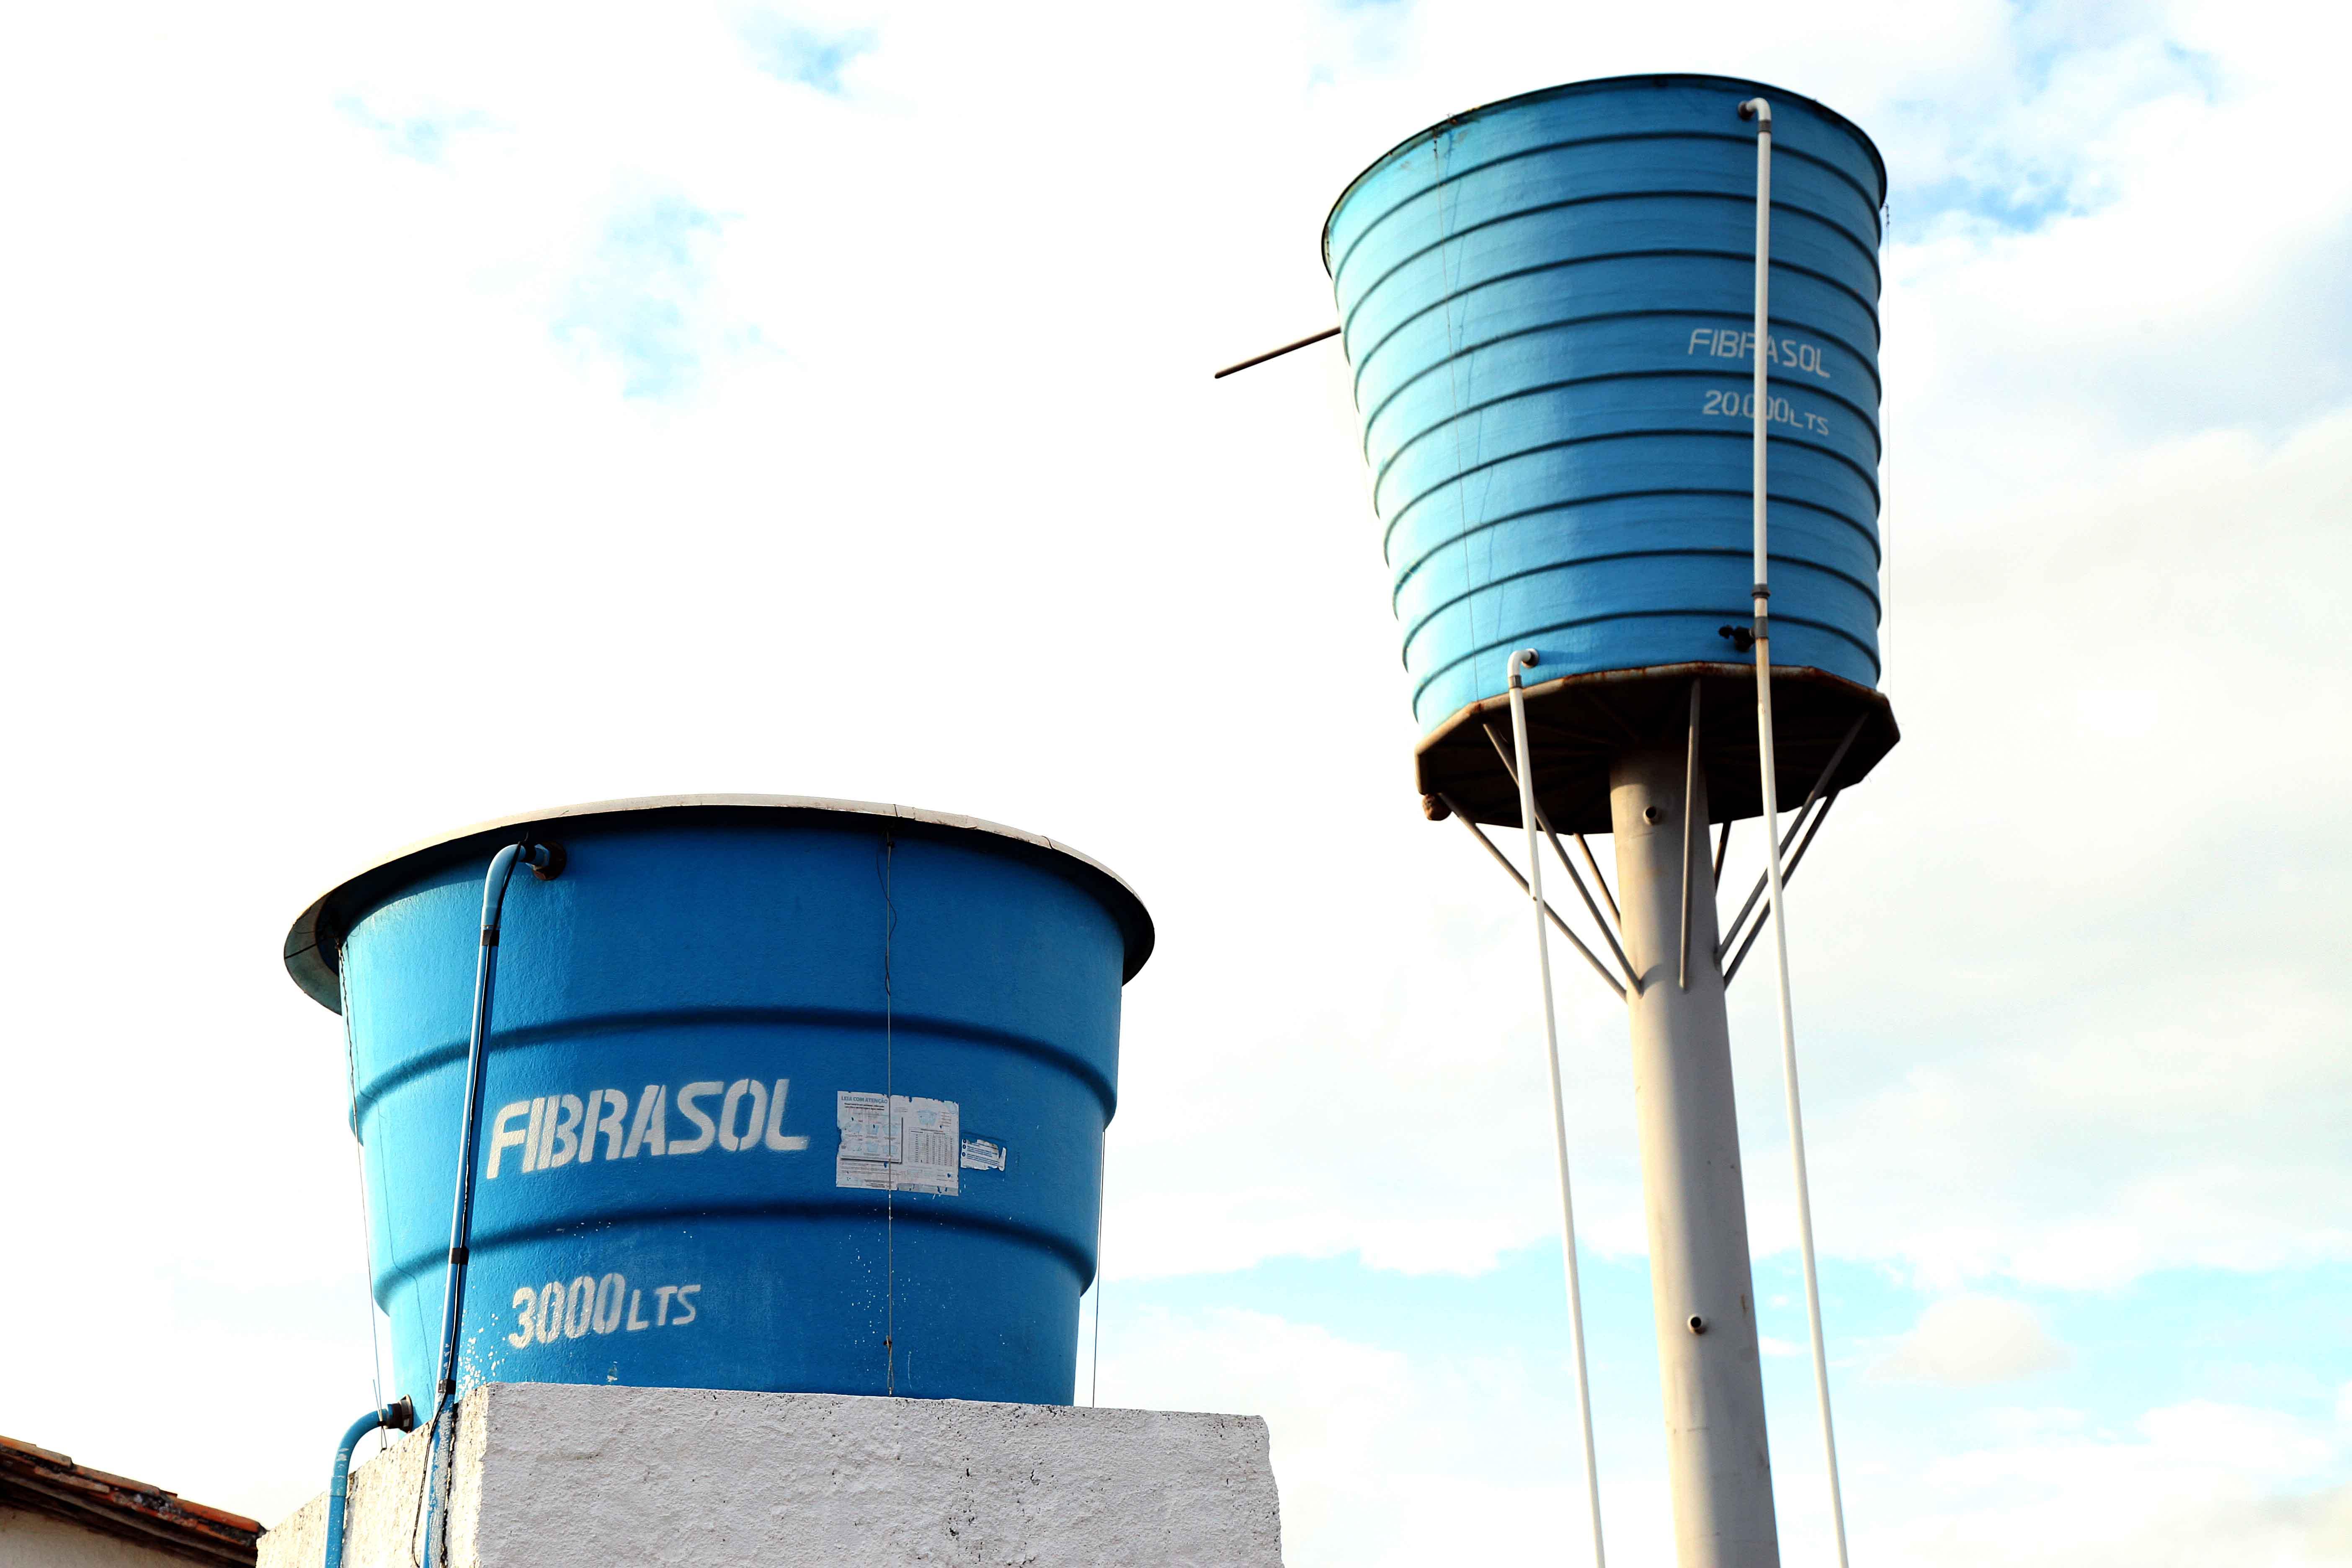 Sistema de água beneficia moradores de Lagarto